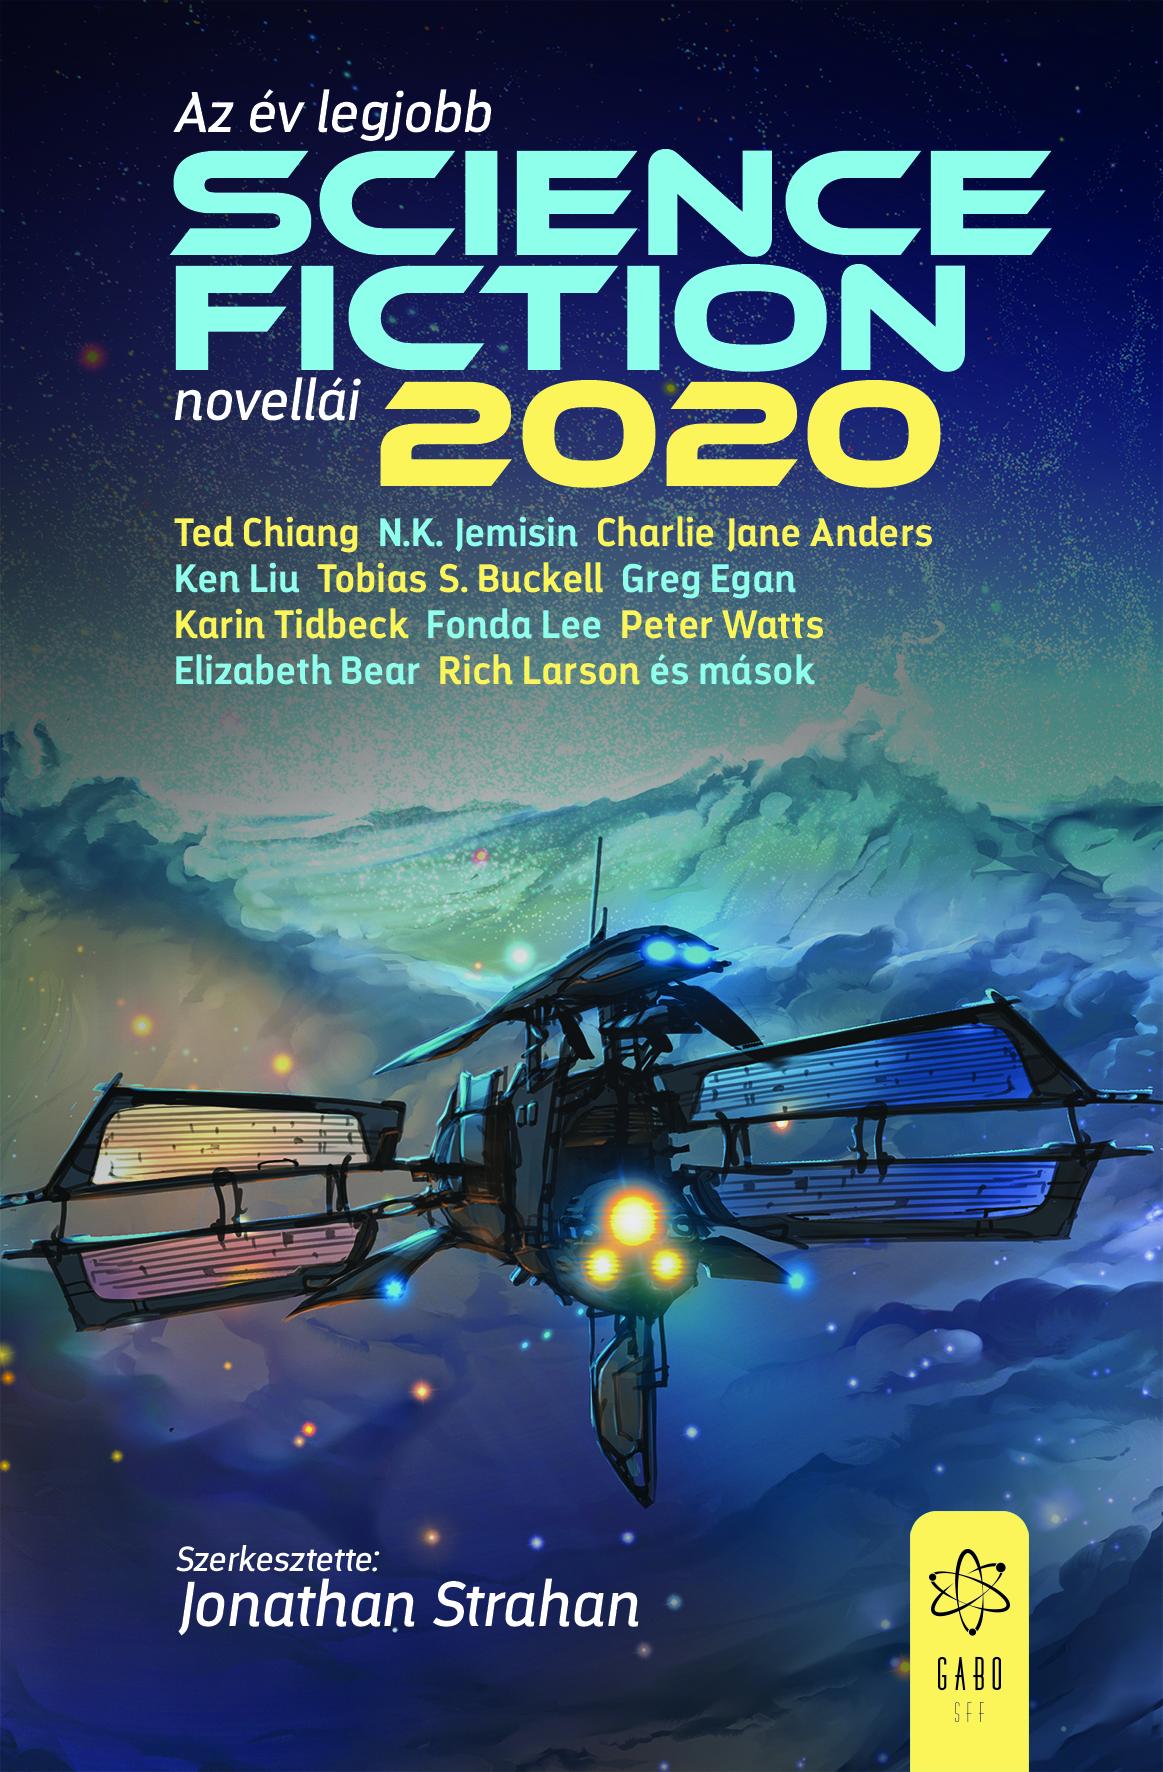 js_az_ev_legjobb_scifi_novellai2020_media.jpg